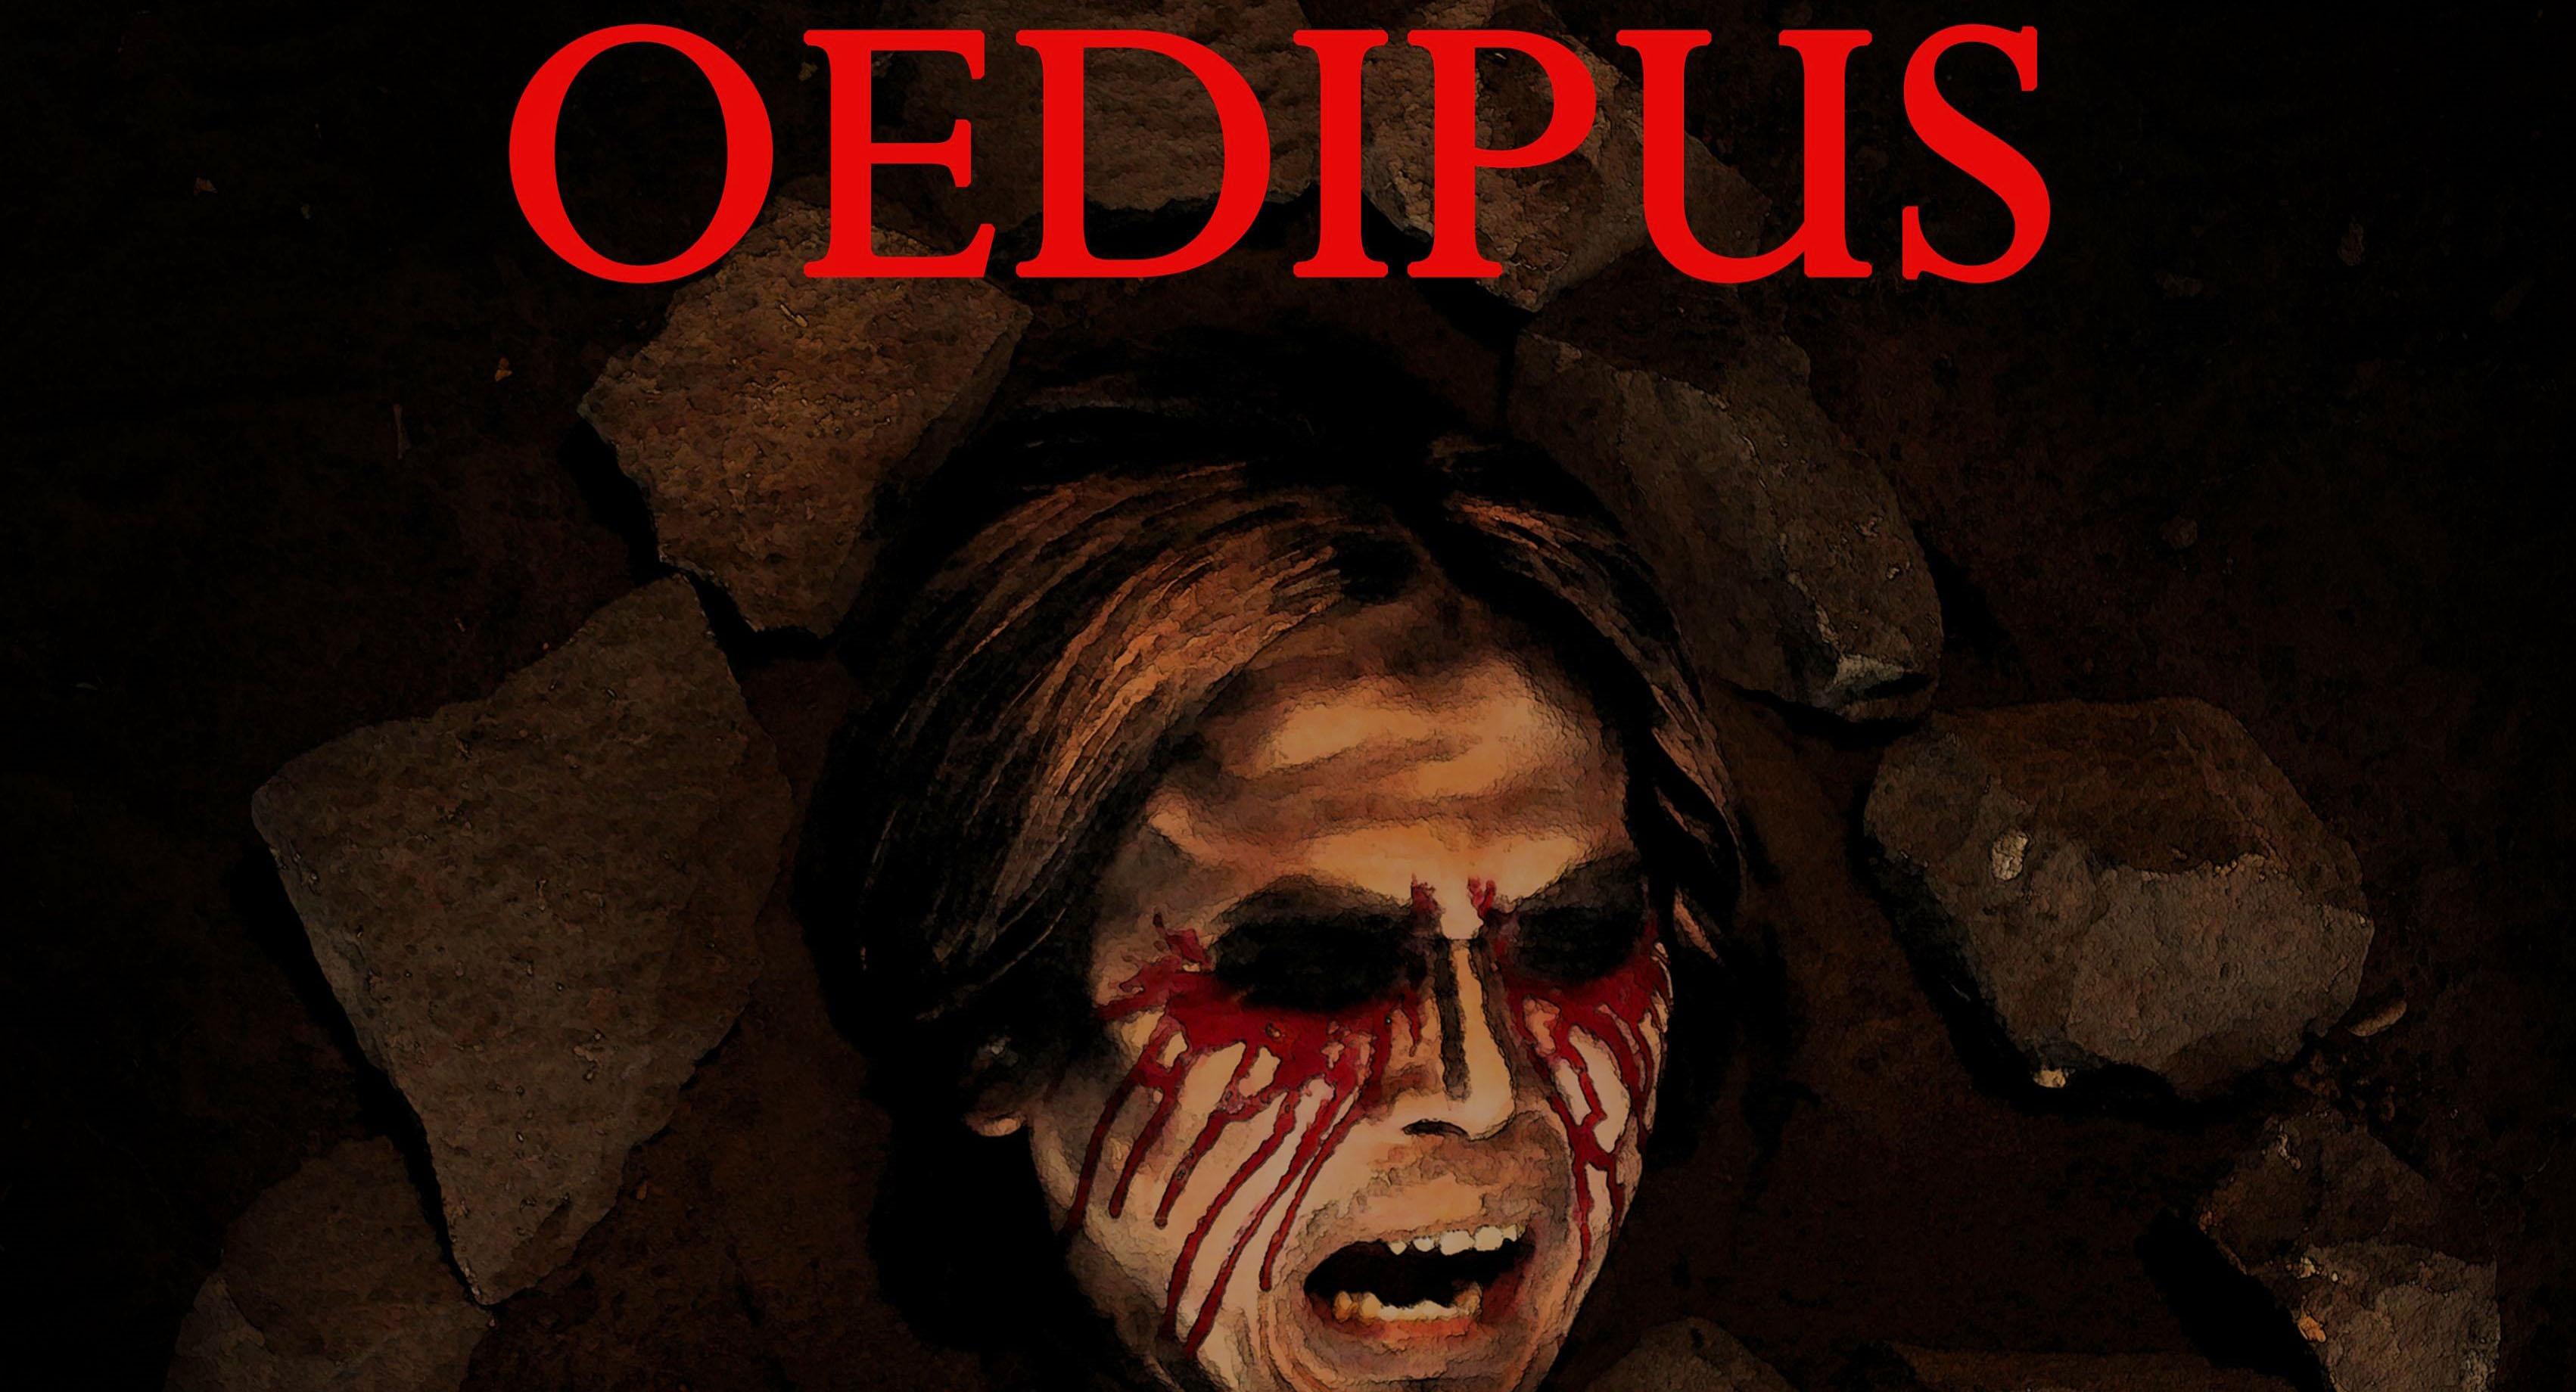 Meski Terlambat, Penonton Tetap Antusias Menantikan Pementasan Oedipus